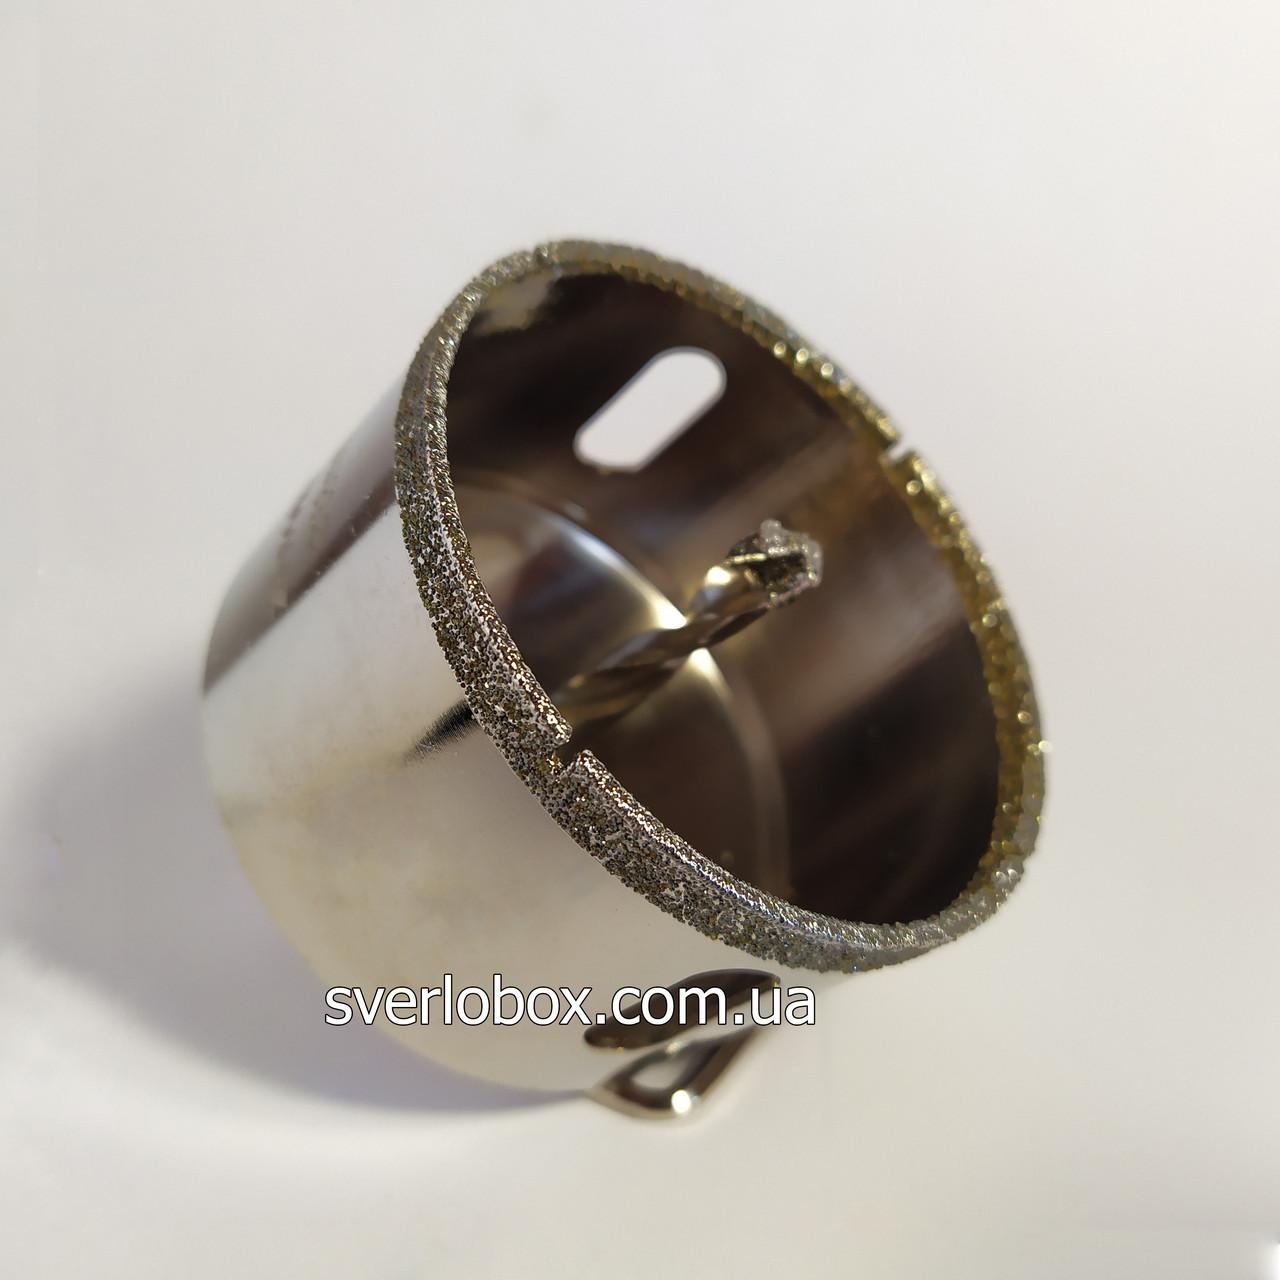 Коронка алмазная по плитке и стеклу 55 мм с направляющим сверлом.